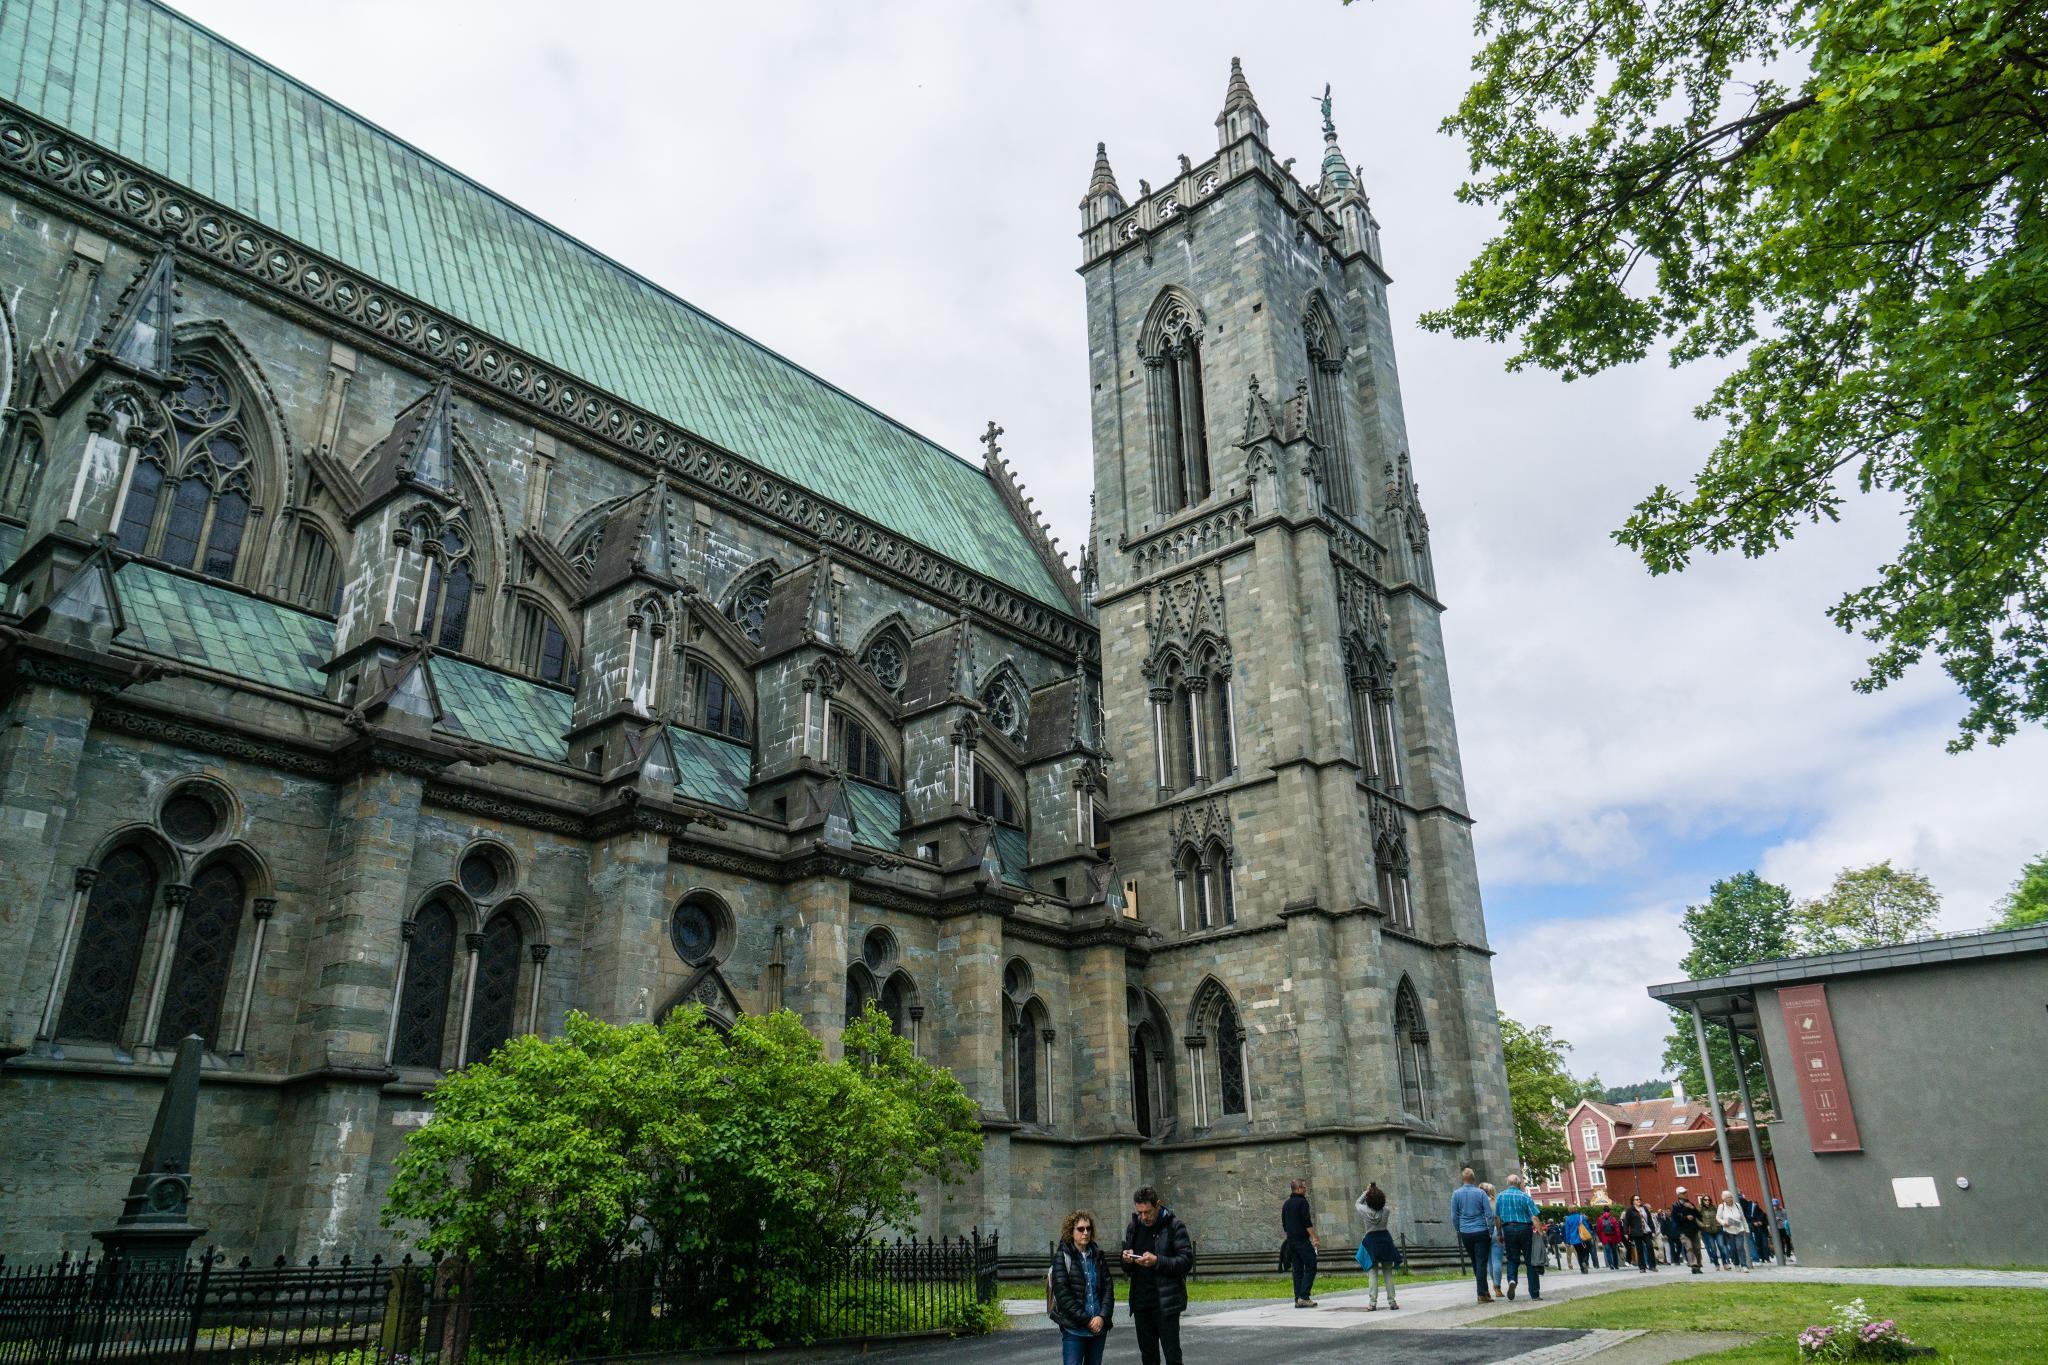 【北歐景點】拜訪維京王的千年古城 - Trondheim 特隆赫姆景點懶人包 19